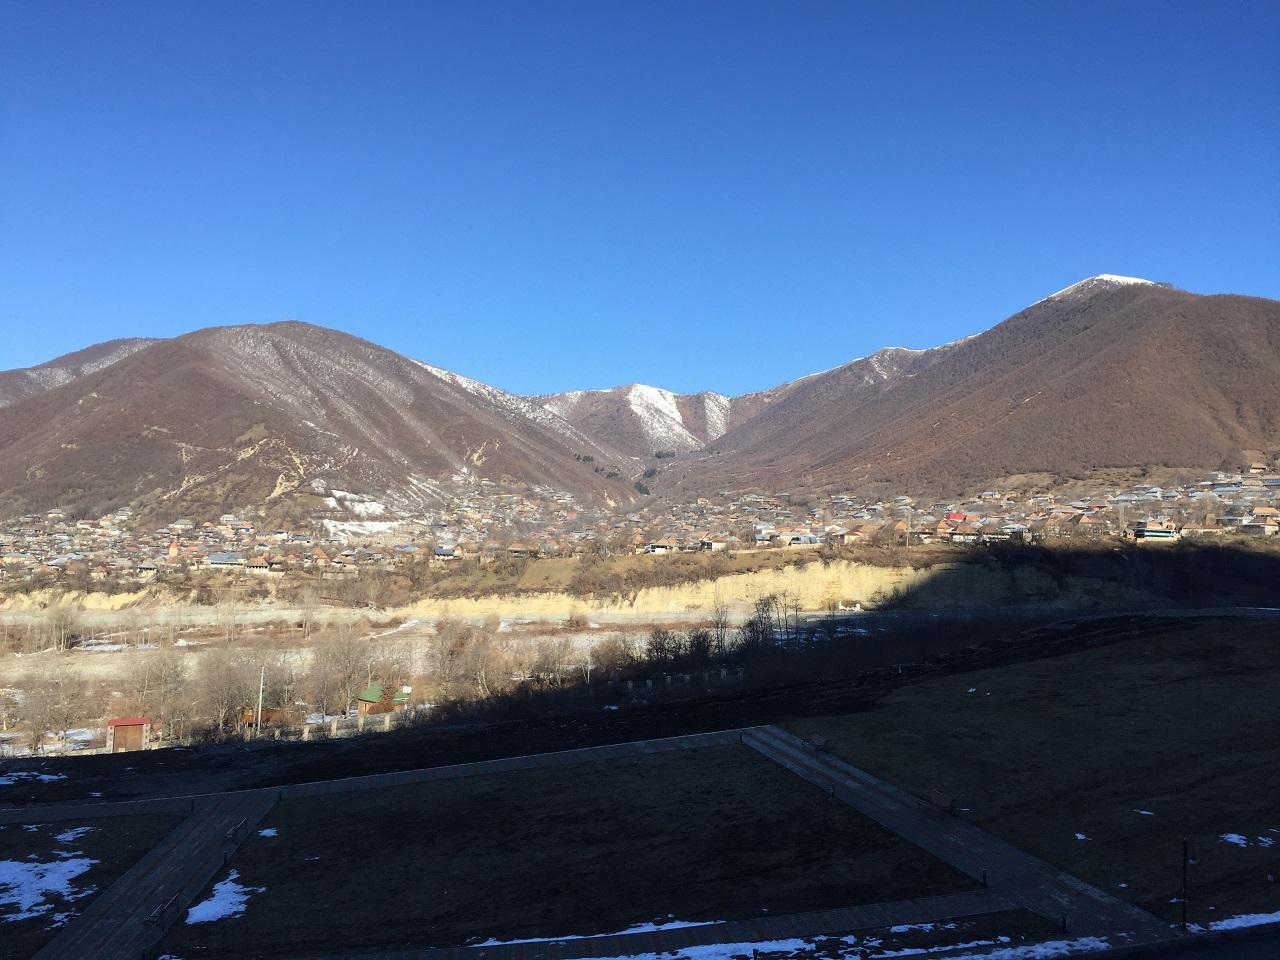 Только уже утром, проснувшись под пение петухов и выглянув в окно наши гости увидели всю красоту горных пейзажей